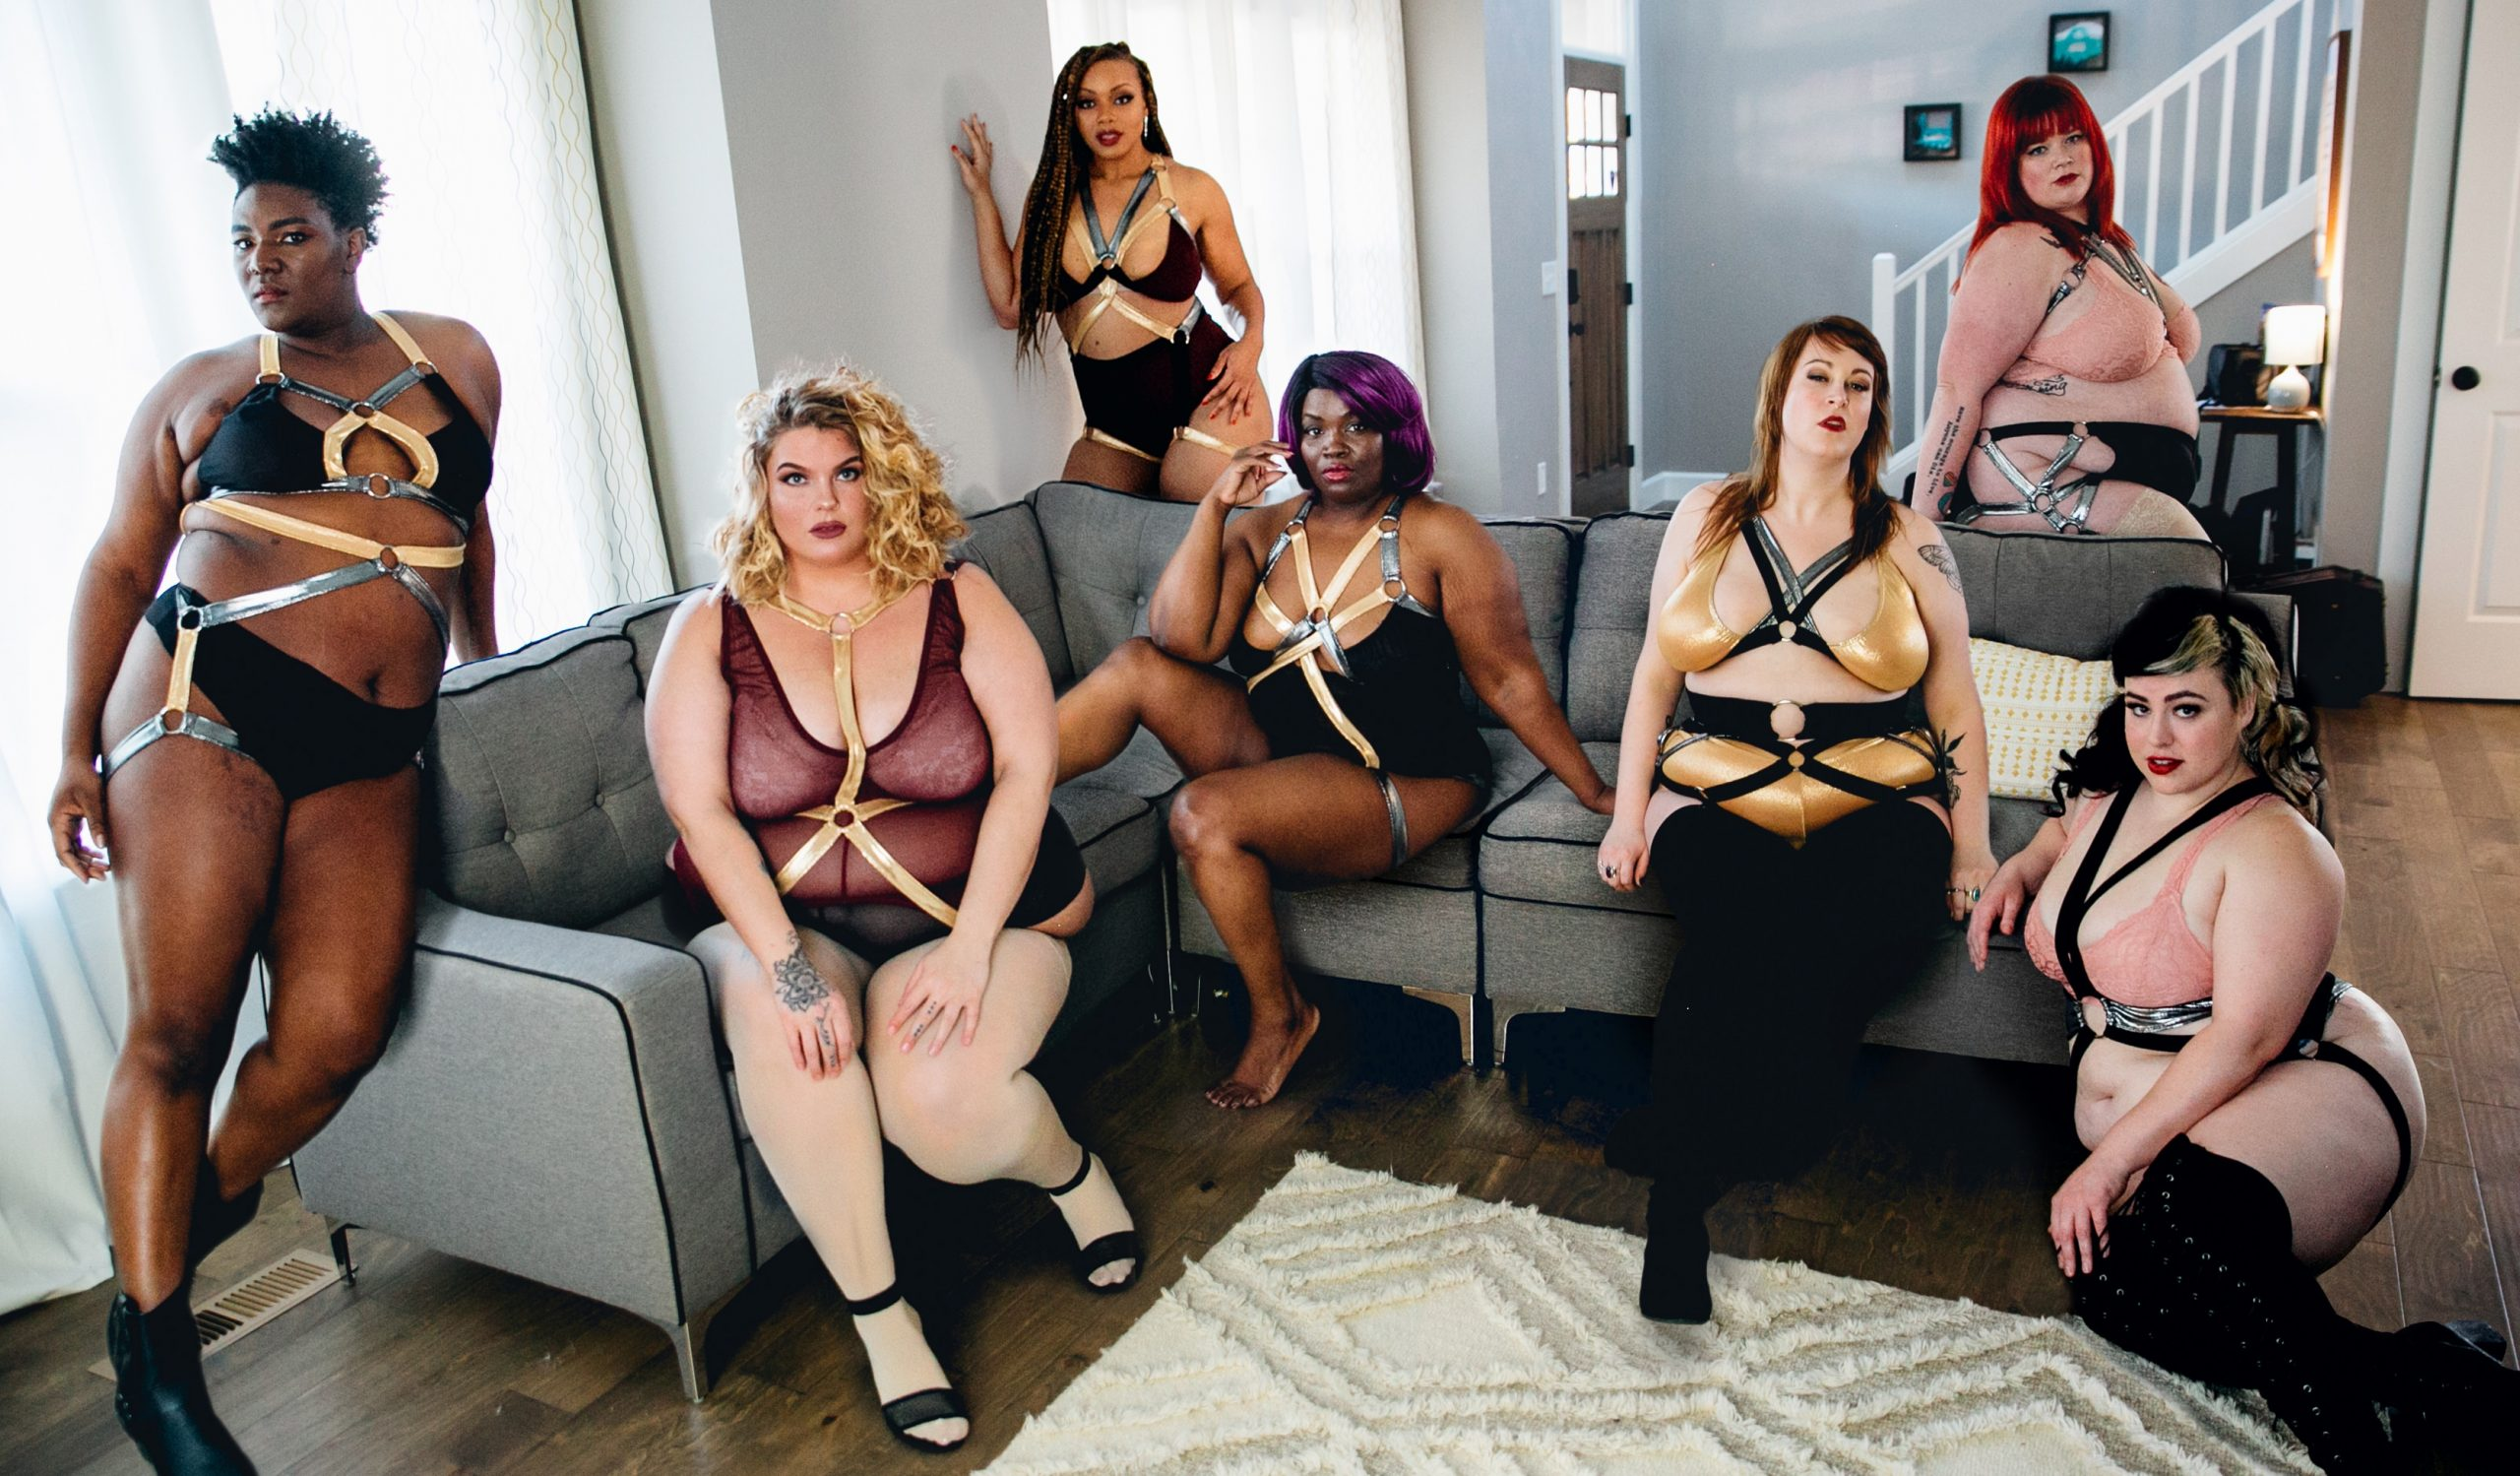 Racy plus size lingerie